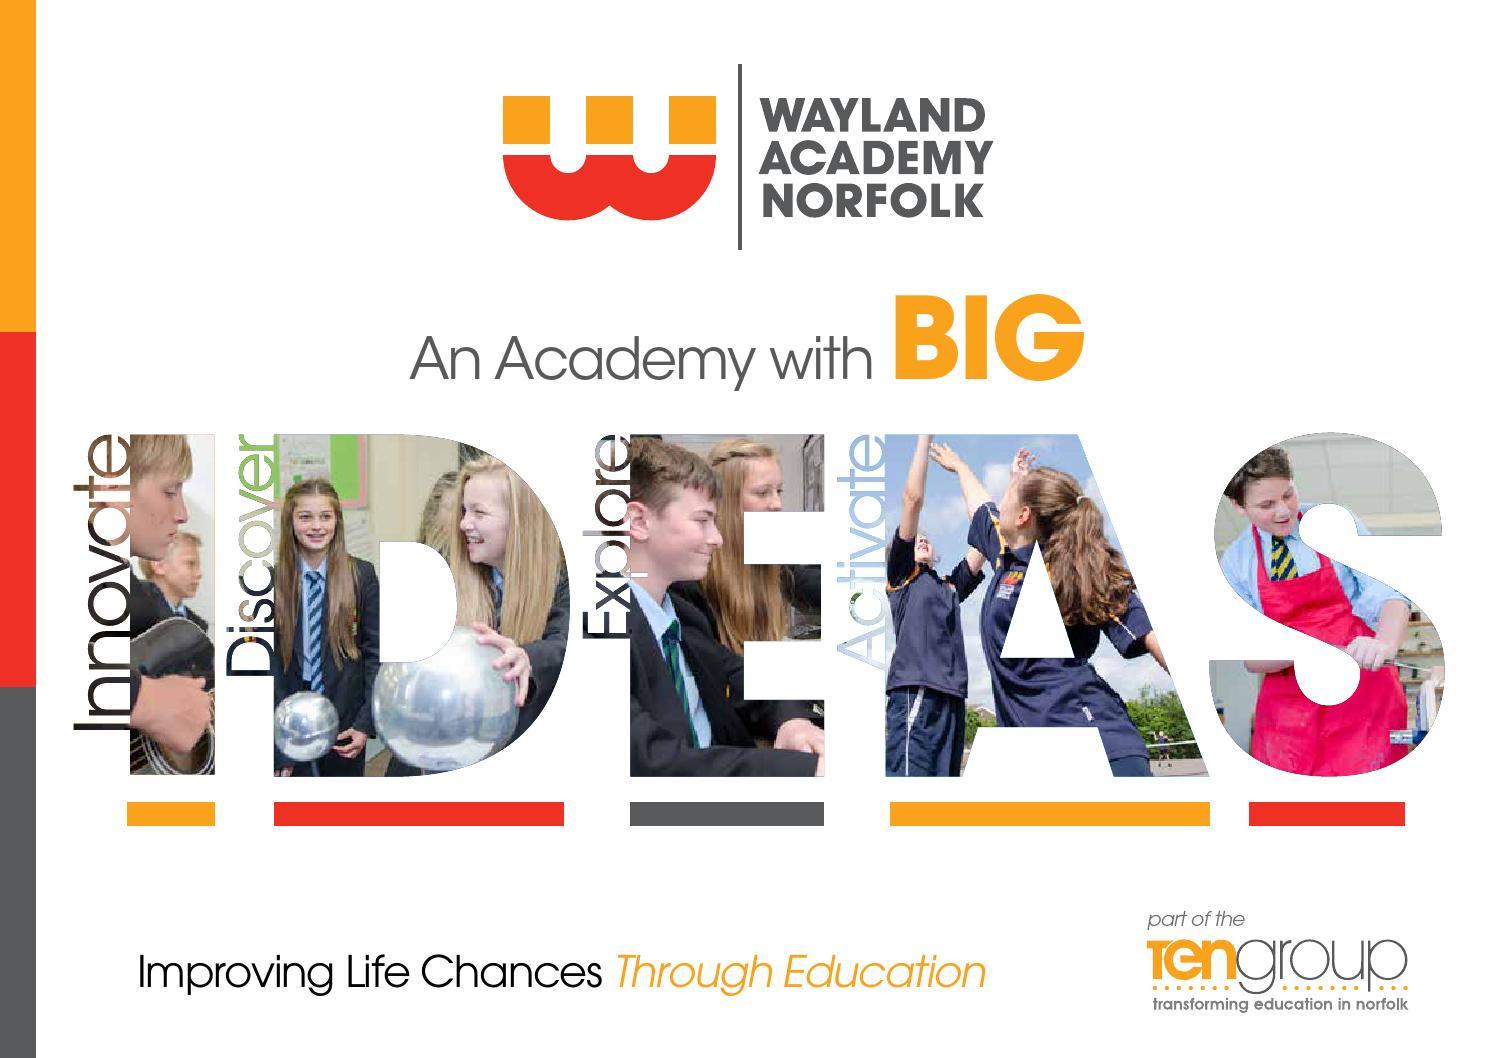 show my homework wayland academy